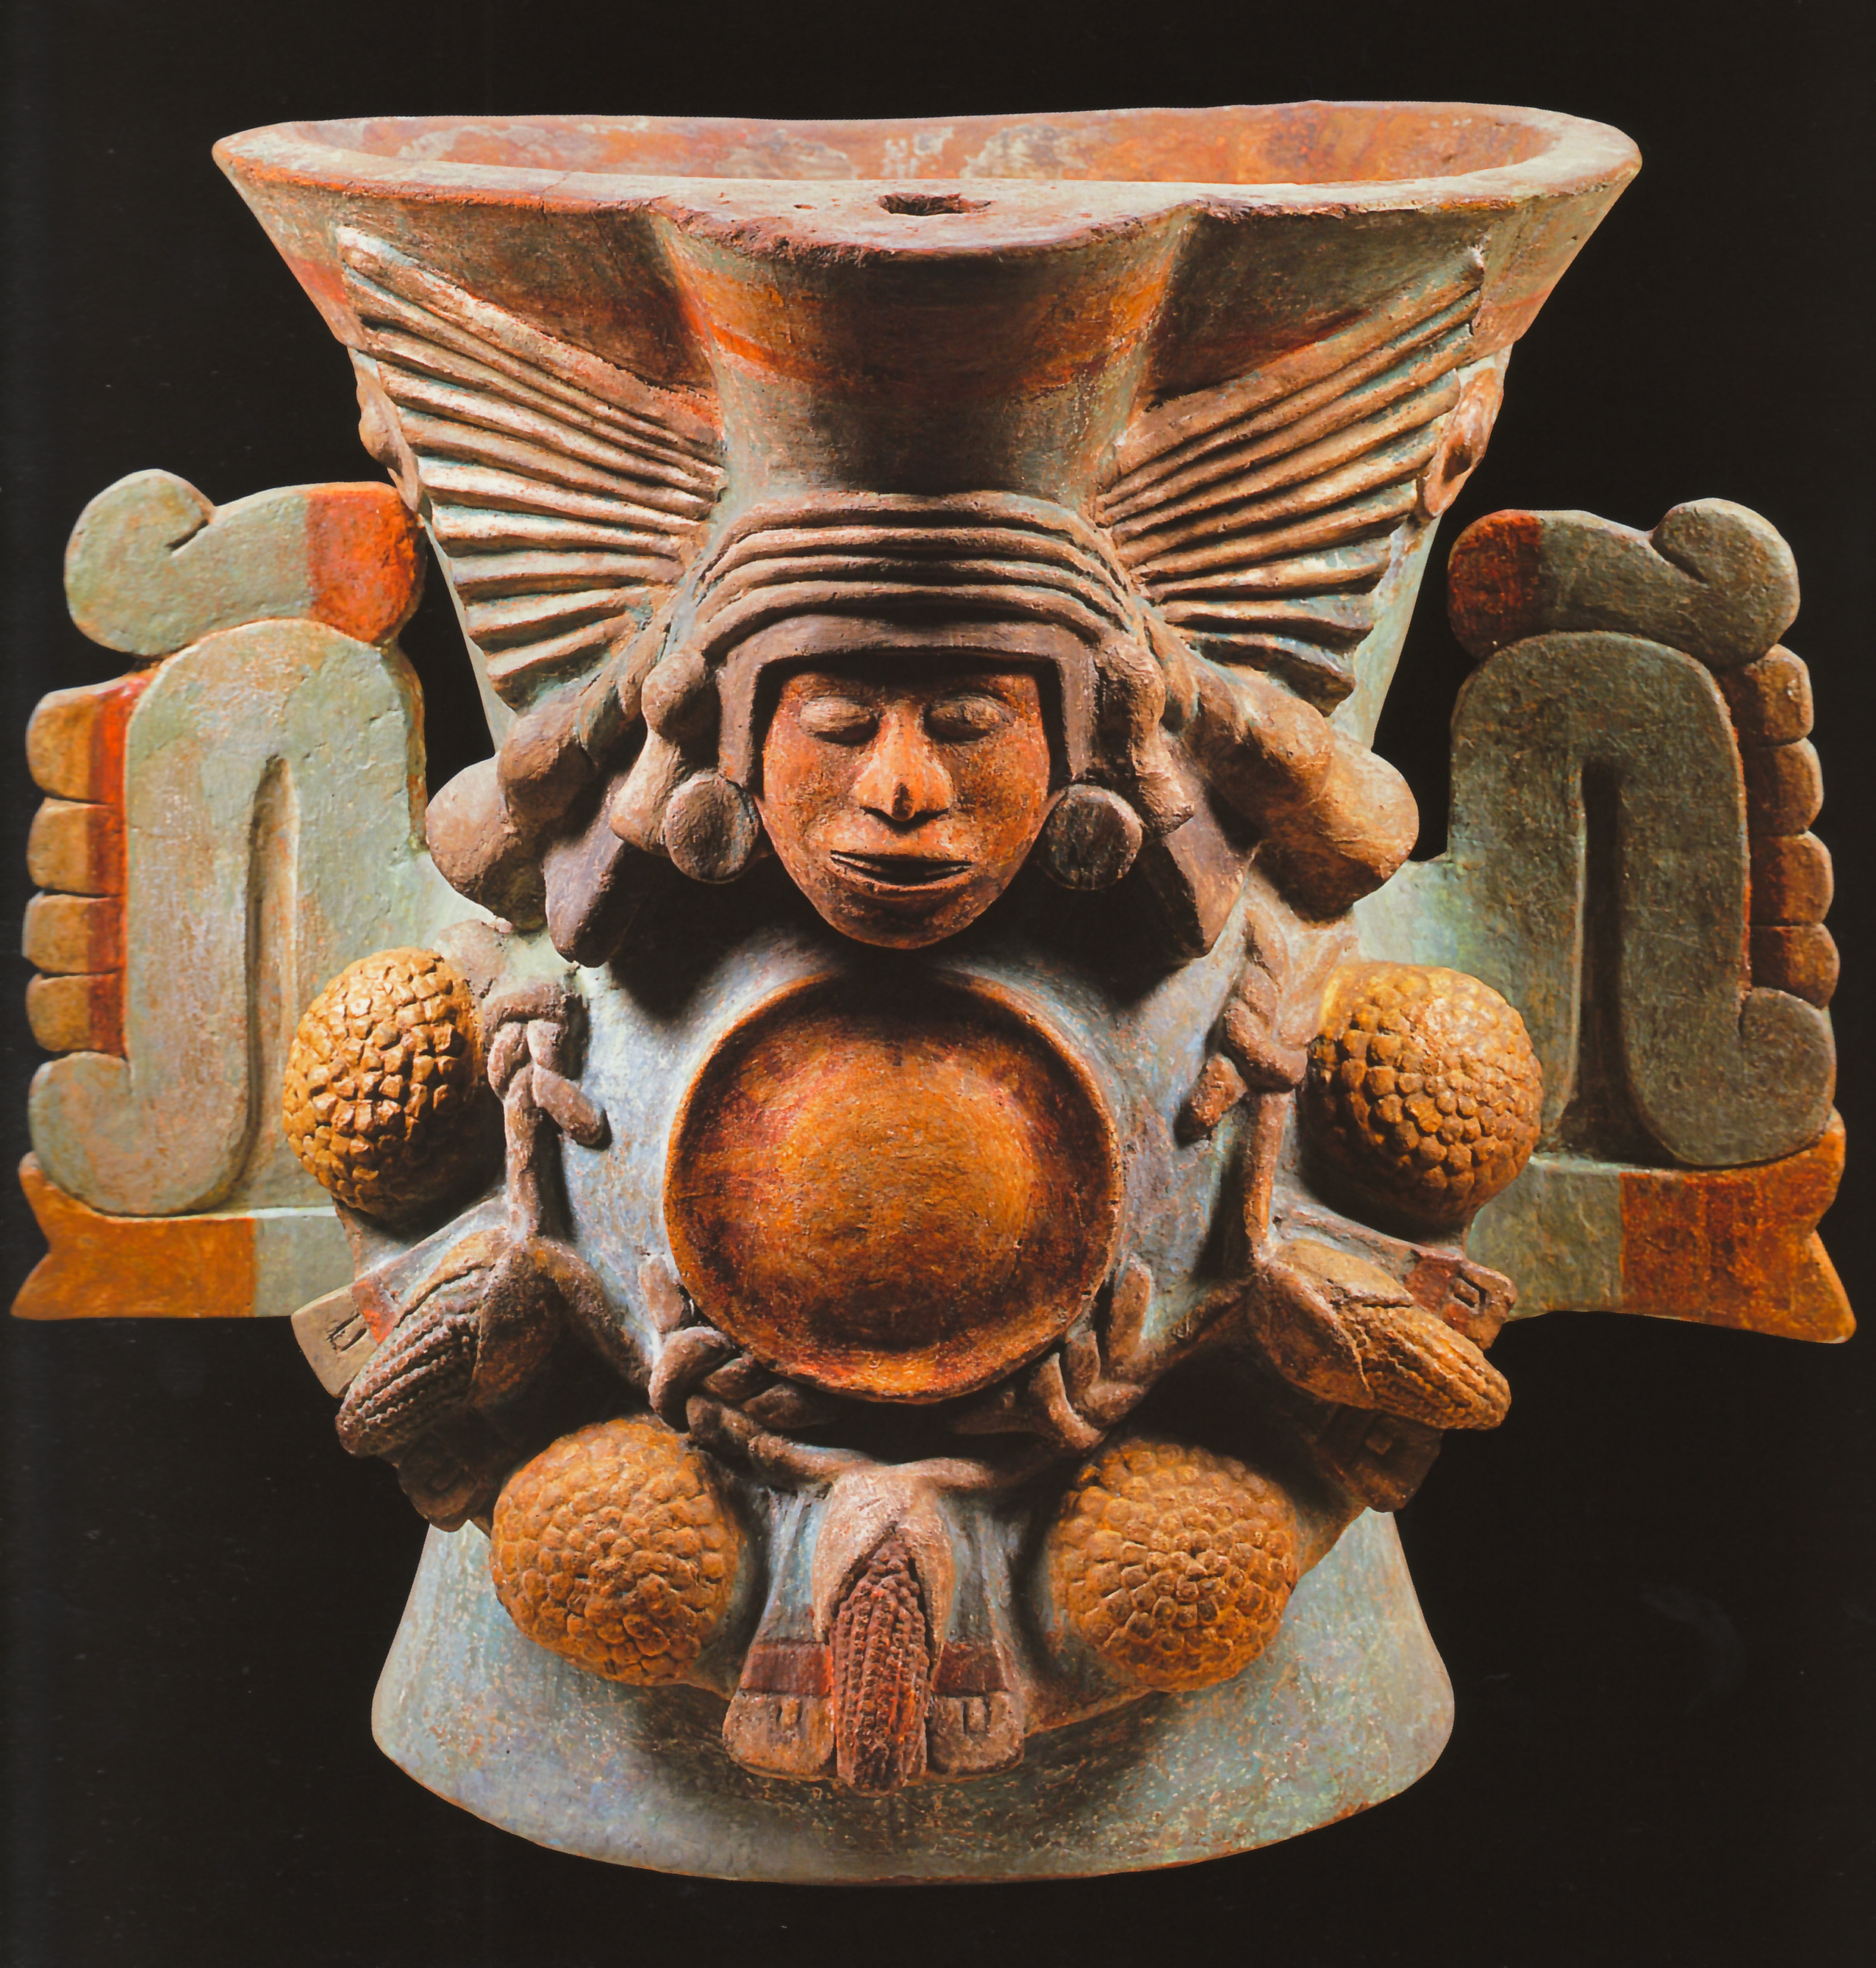 боги ацтеков и майя фото филатова один известных